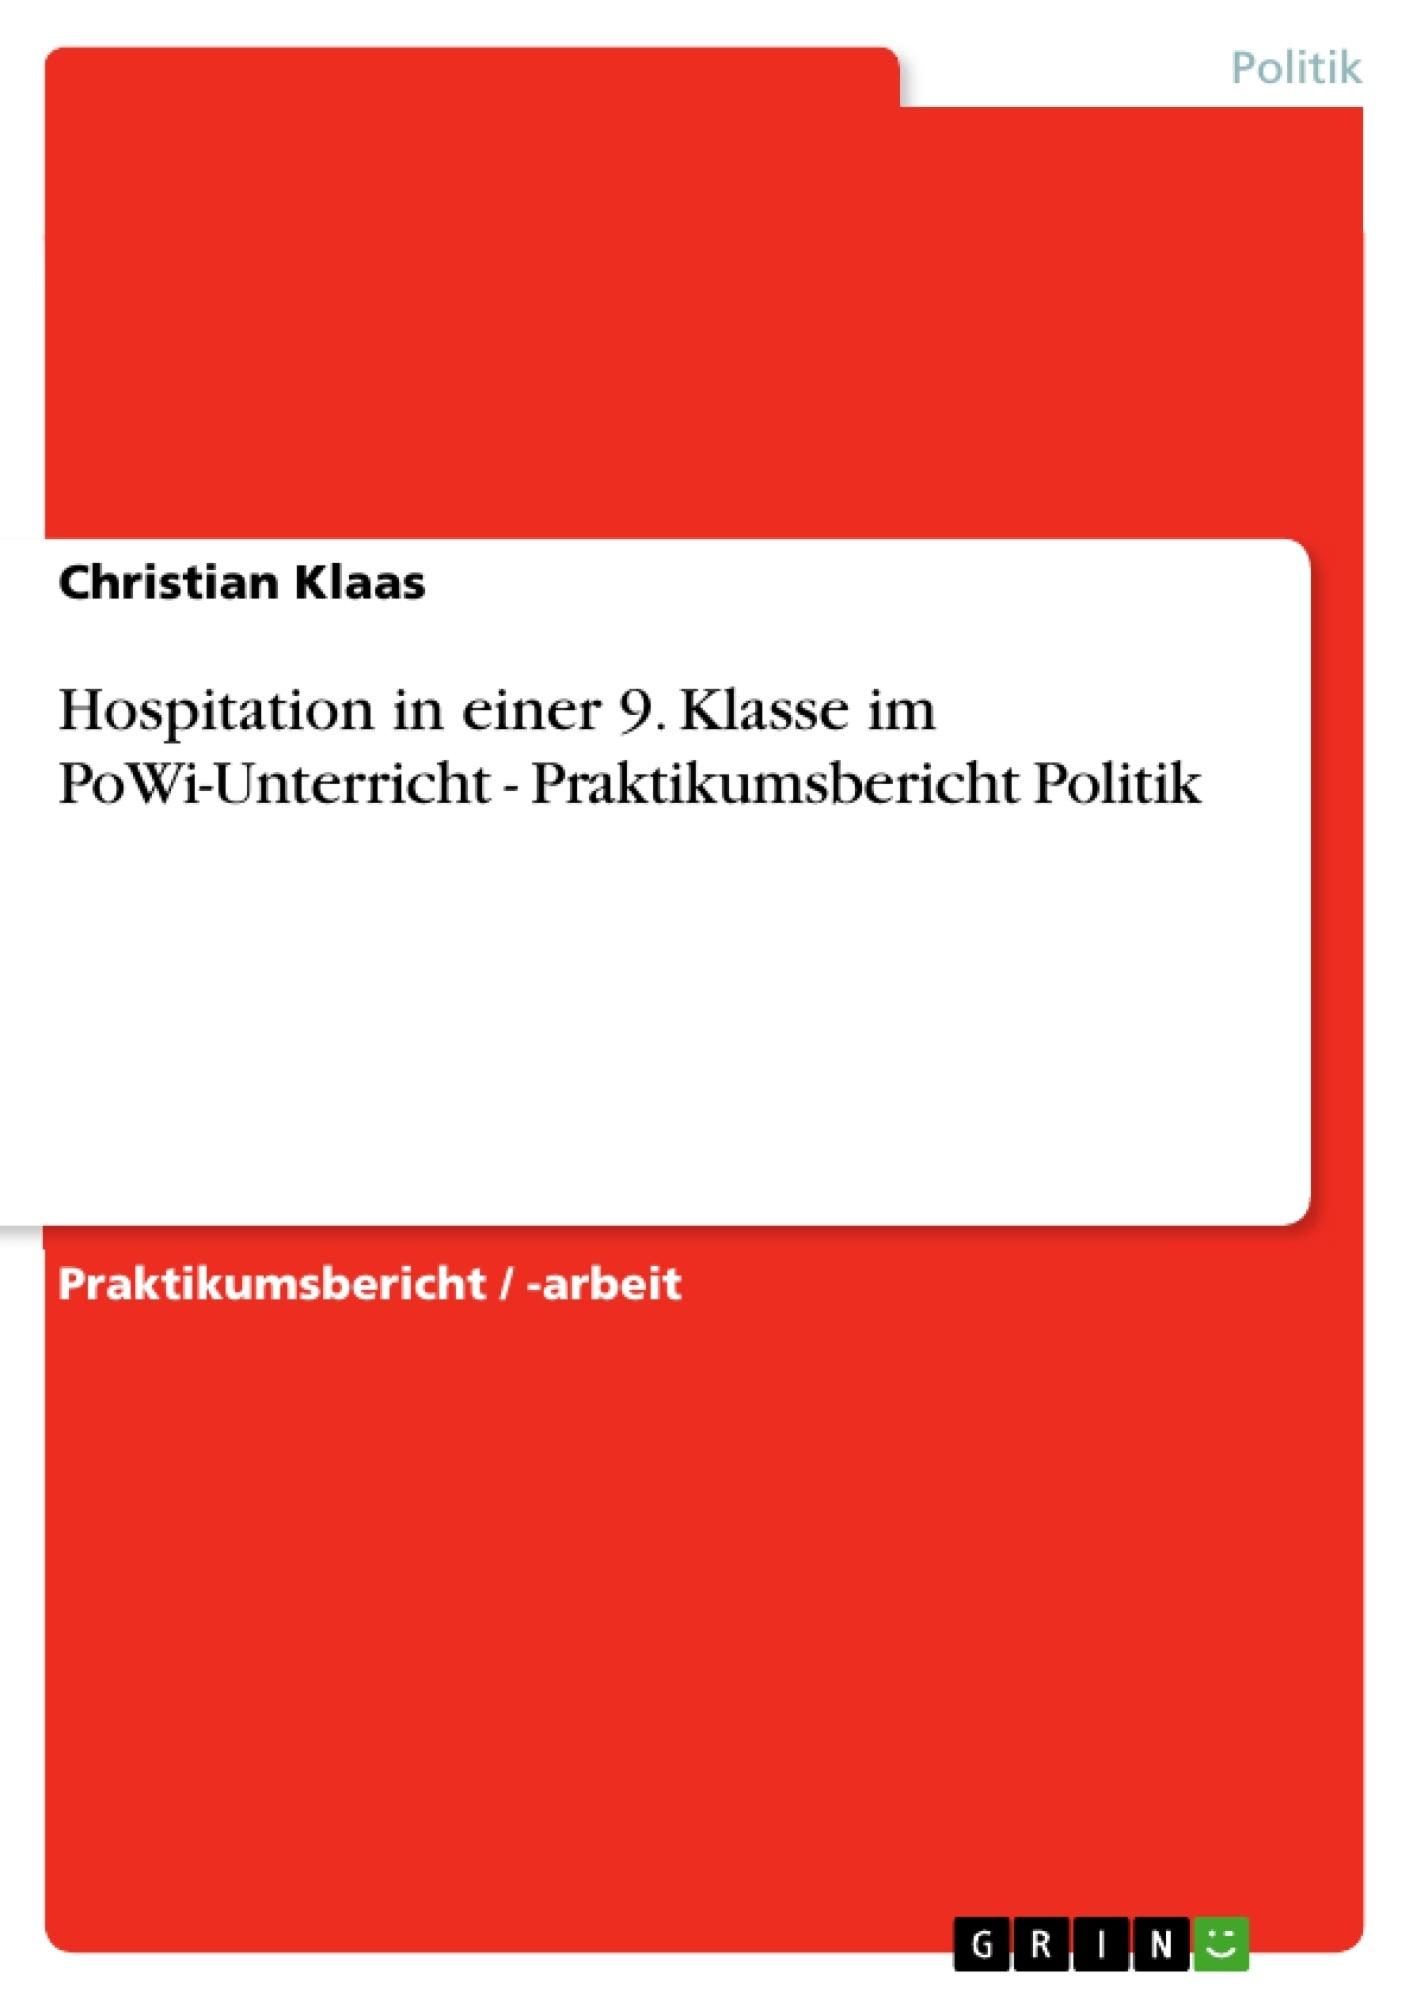 Titel: Hospitation in einer 9. Klasse im PoWi-Unterricht - Praktikumsbericht Politik